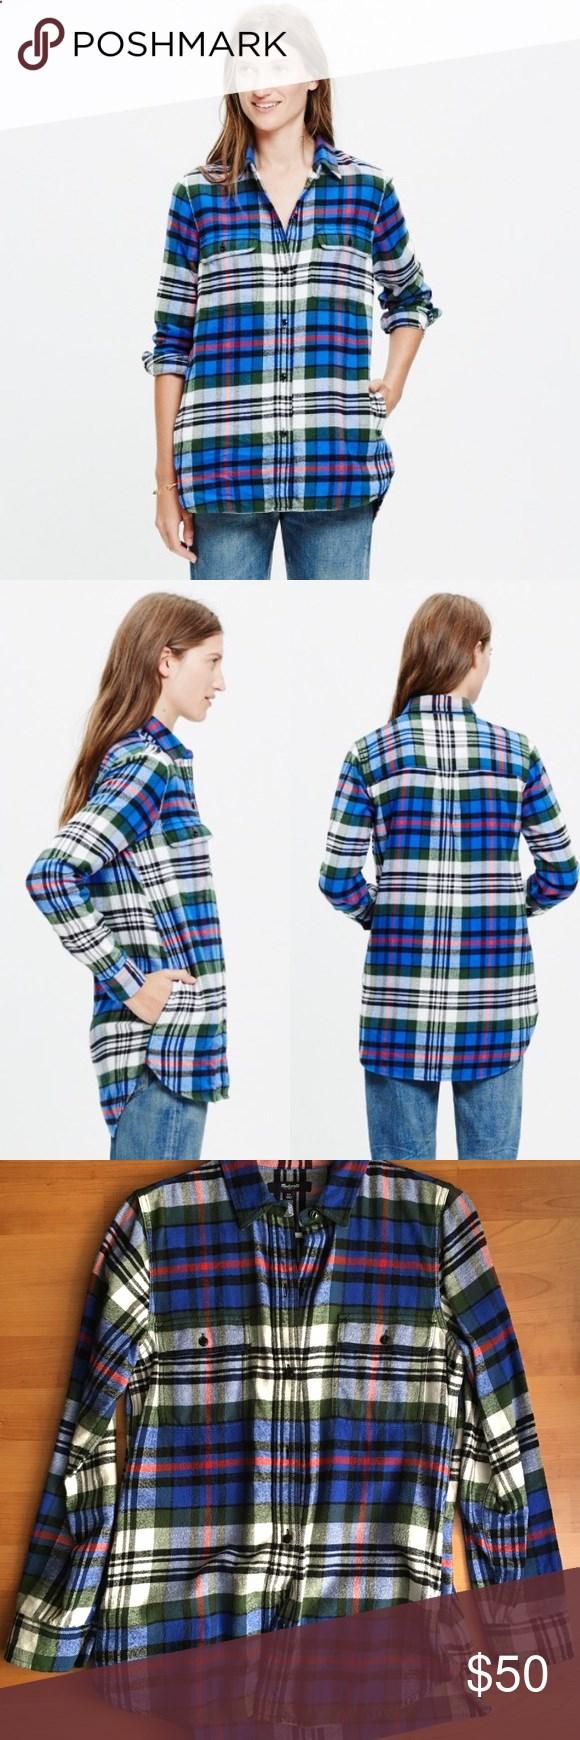 Flannel shirt xs  Madewell flannel ExBoyfriend shirt Larchmont plaid Madewell flannel